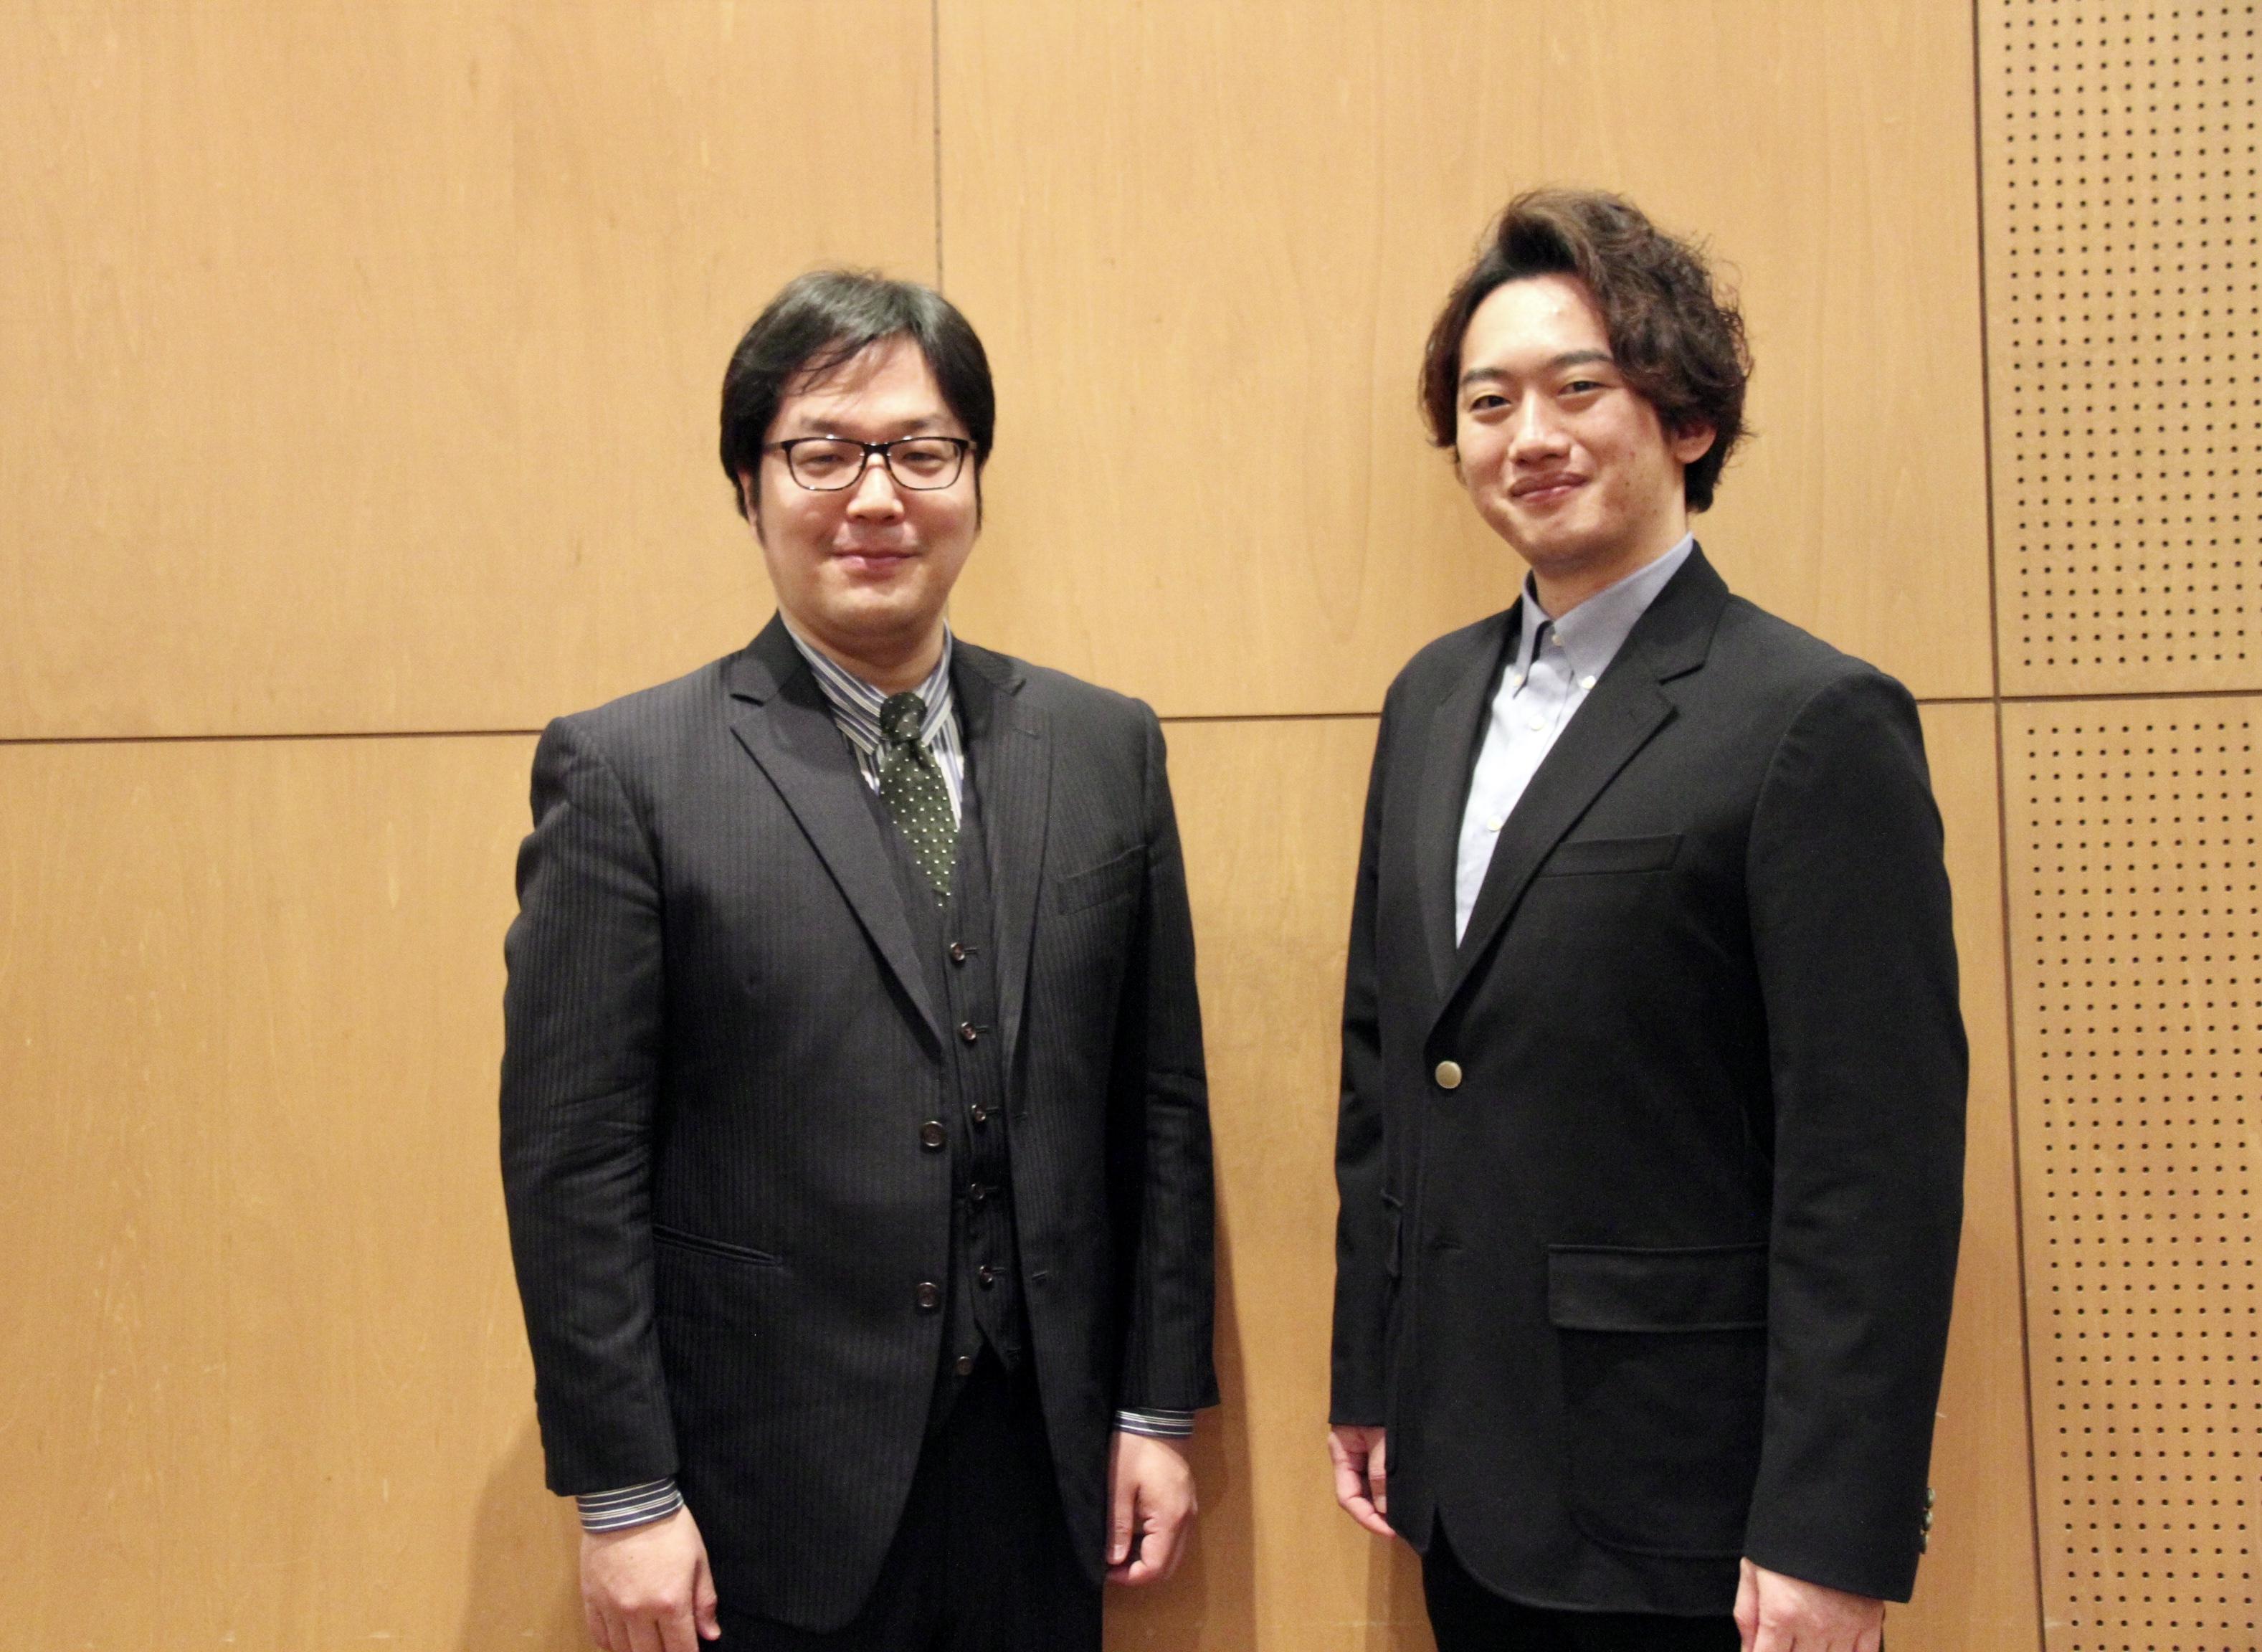 平欣史(右)と清水徹太郎     (C)H.isojima